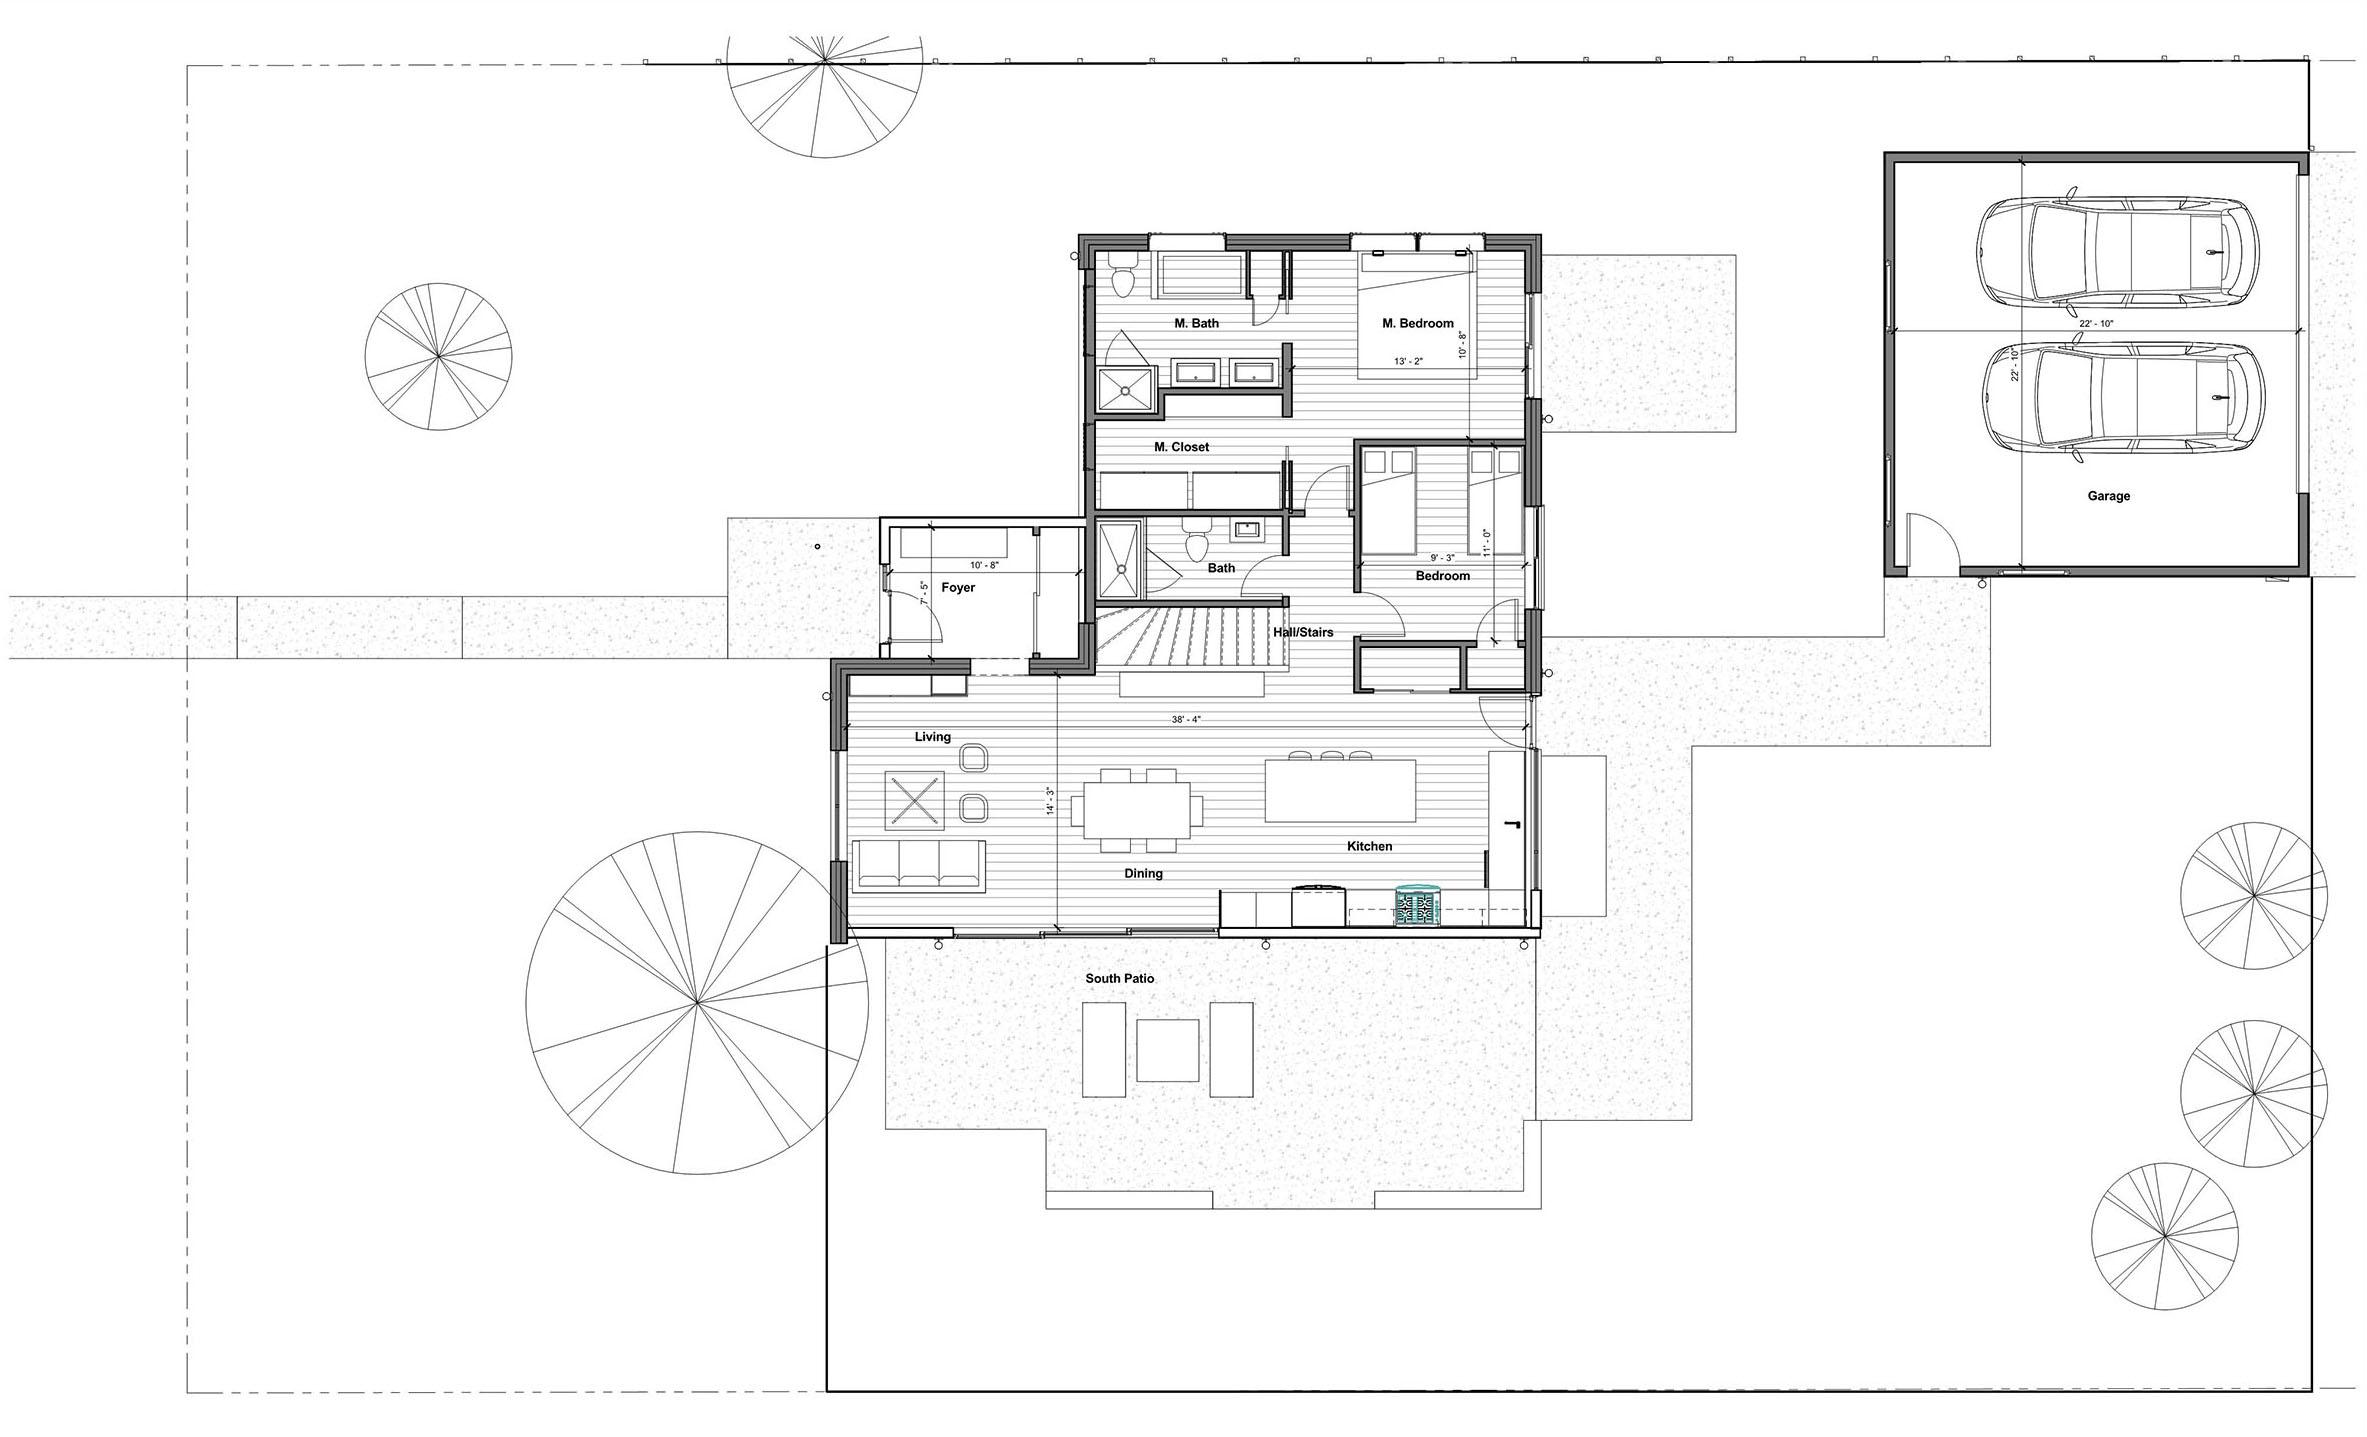 340 S Forest St - Cadence Main Floor Plan.jpg